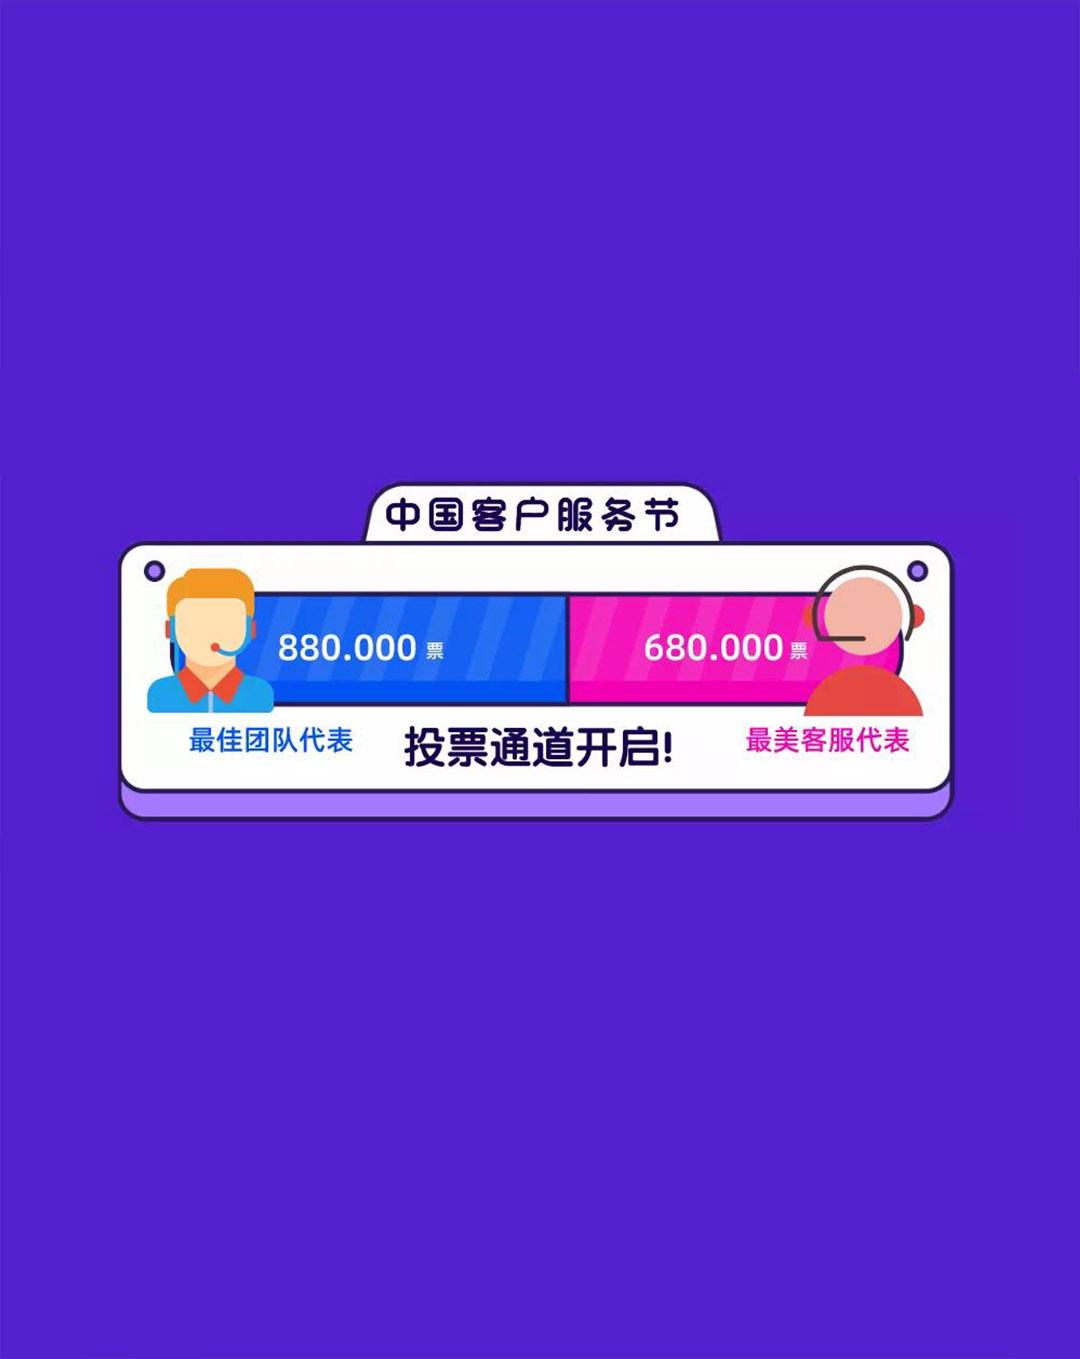 <b>快来投票 2021(第五届)中国客户服务节投票通道正式开启!</b>